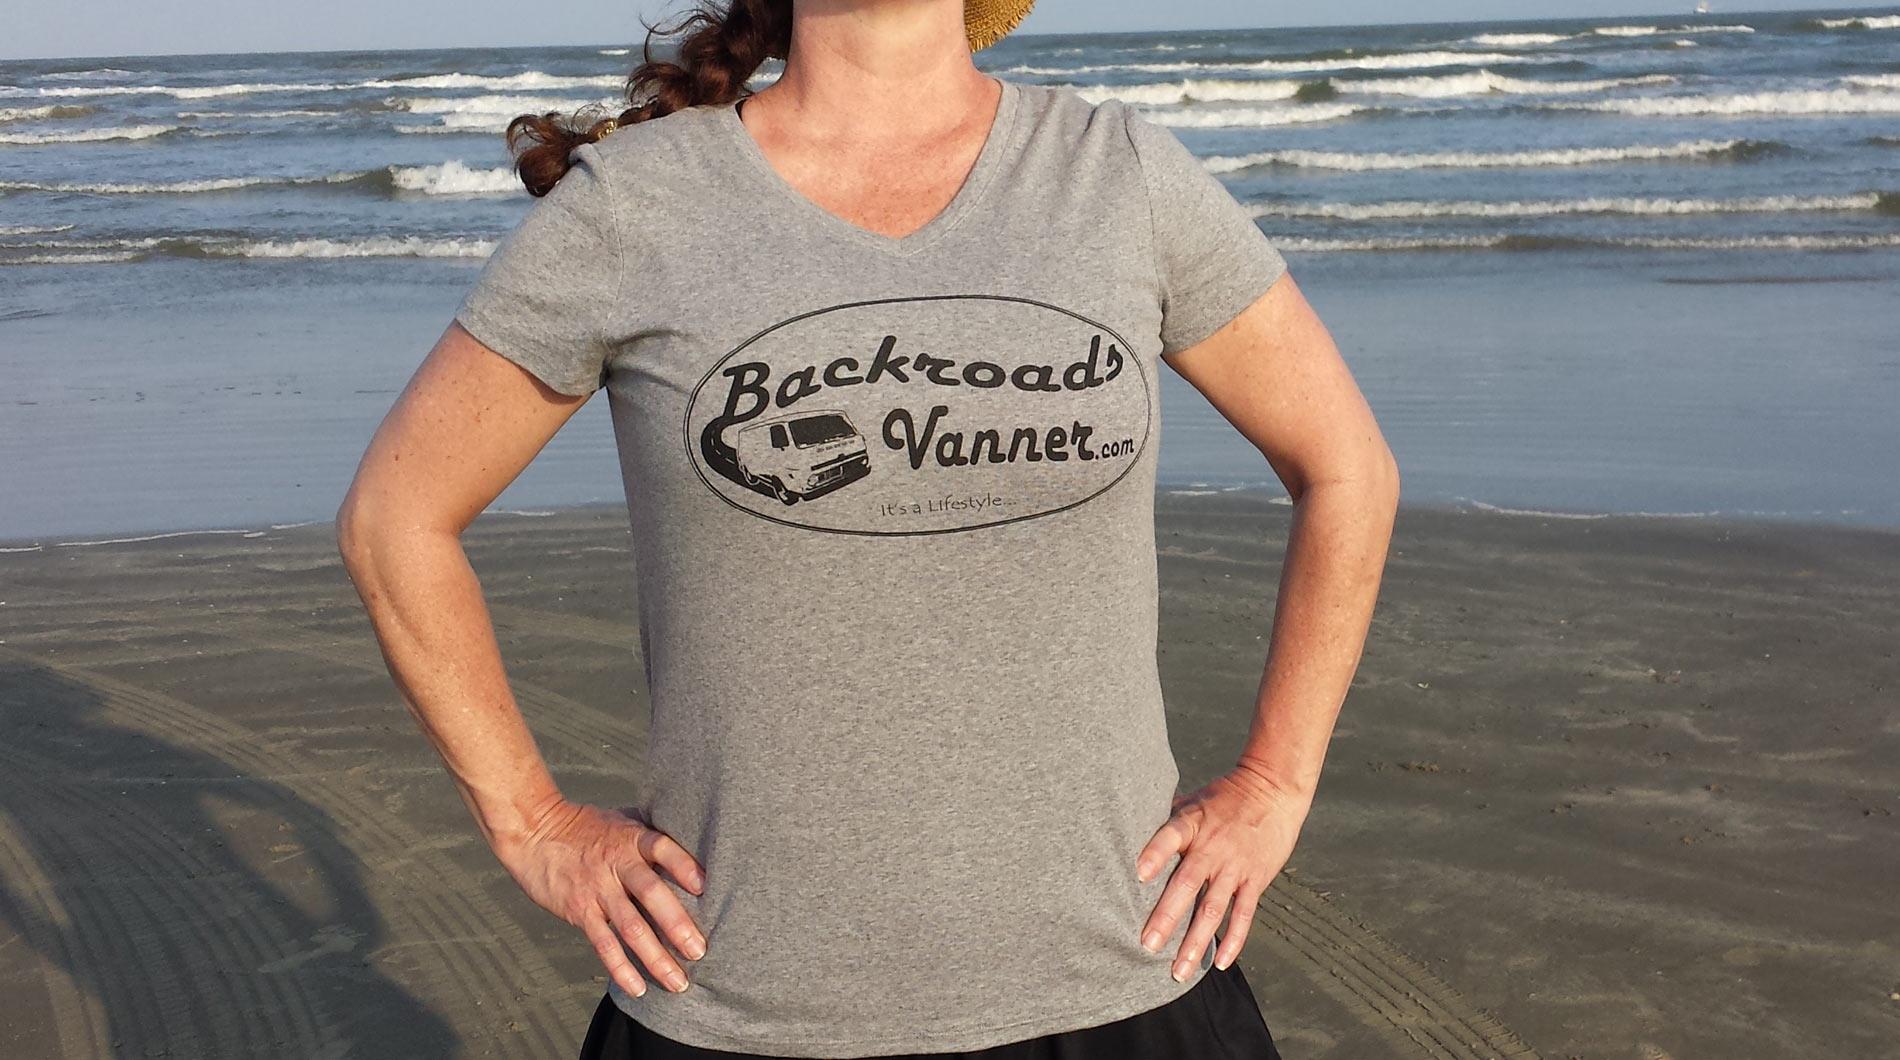 Women's Grey/Black V-NeckT-Shirt with Vintage Backroads Vanner Logo